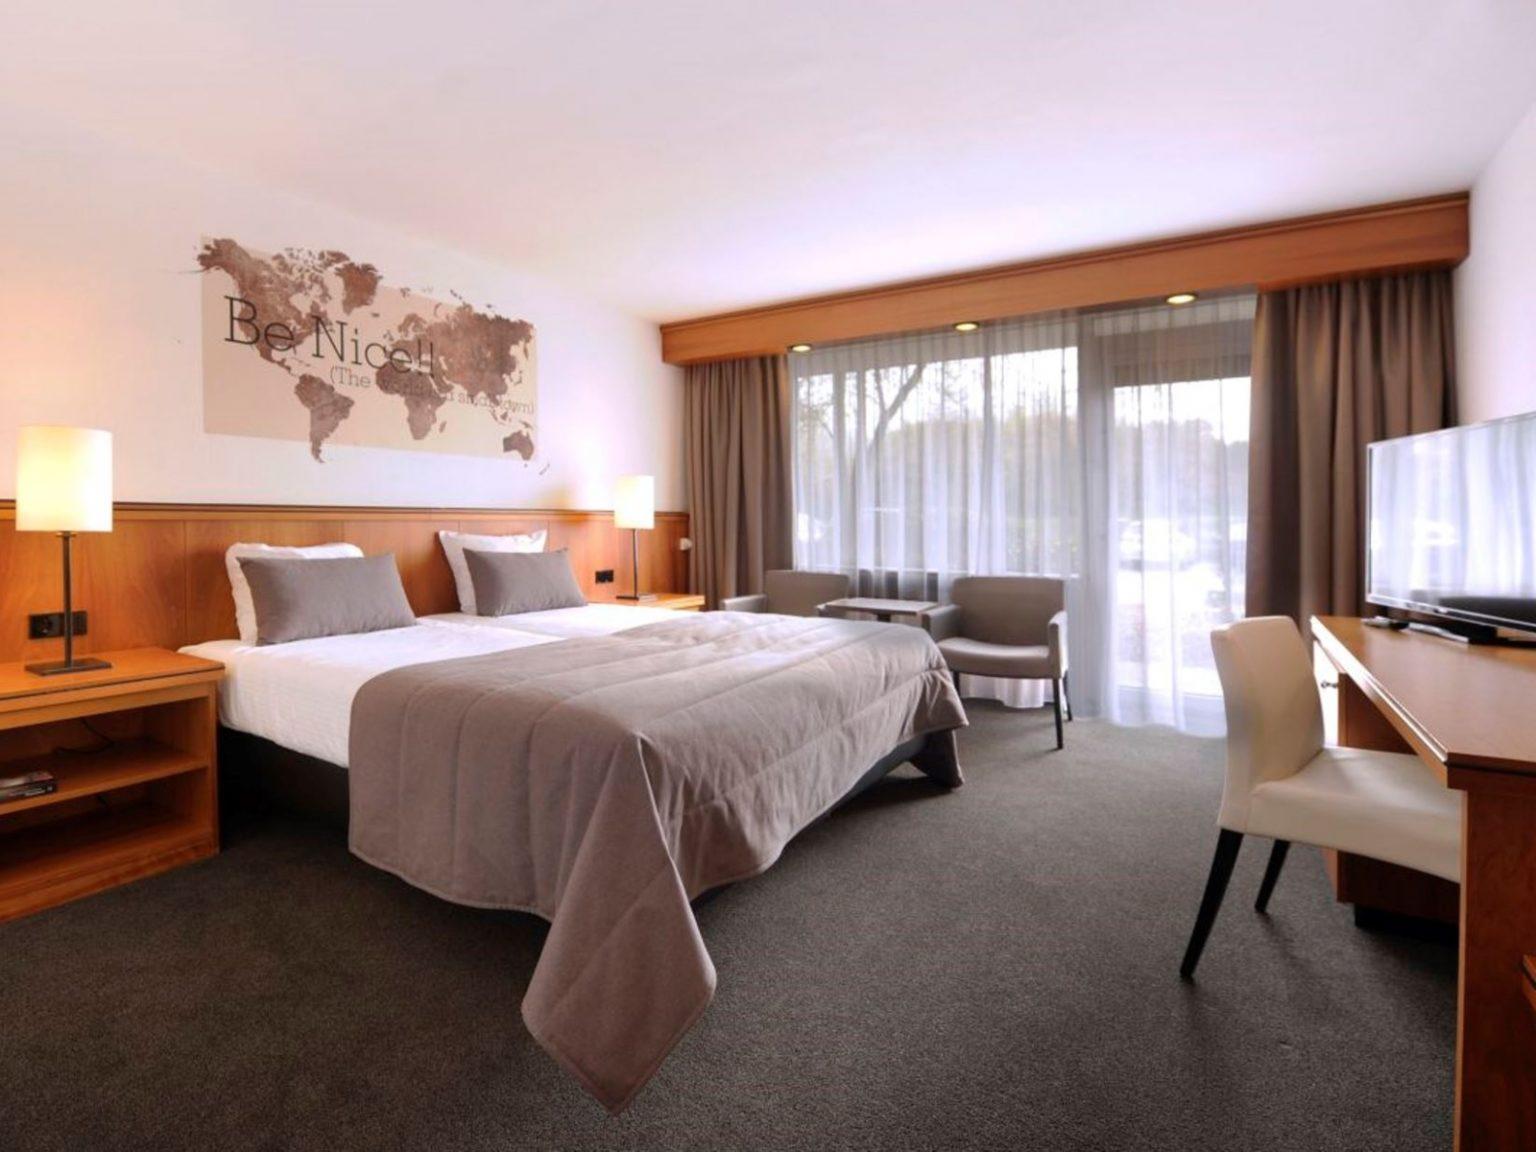 Van der Valk Hotel Stein-Urmond